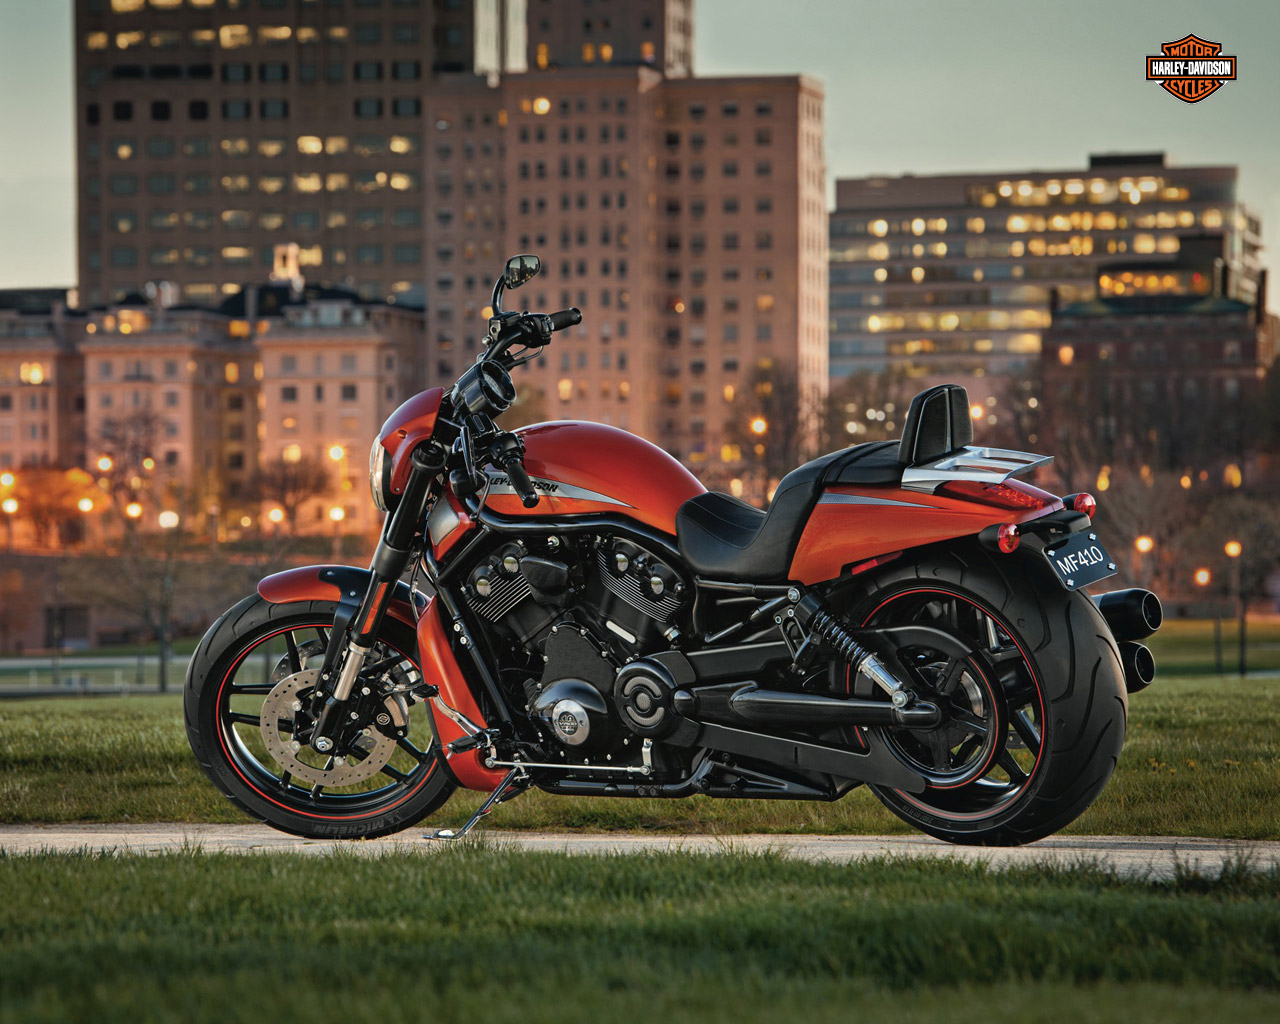 Harley Davidson: Godtoldmetonoise: Harley Davidson Wallpaper Collection #6